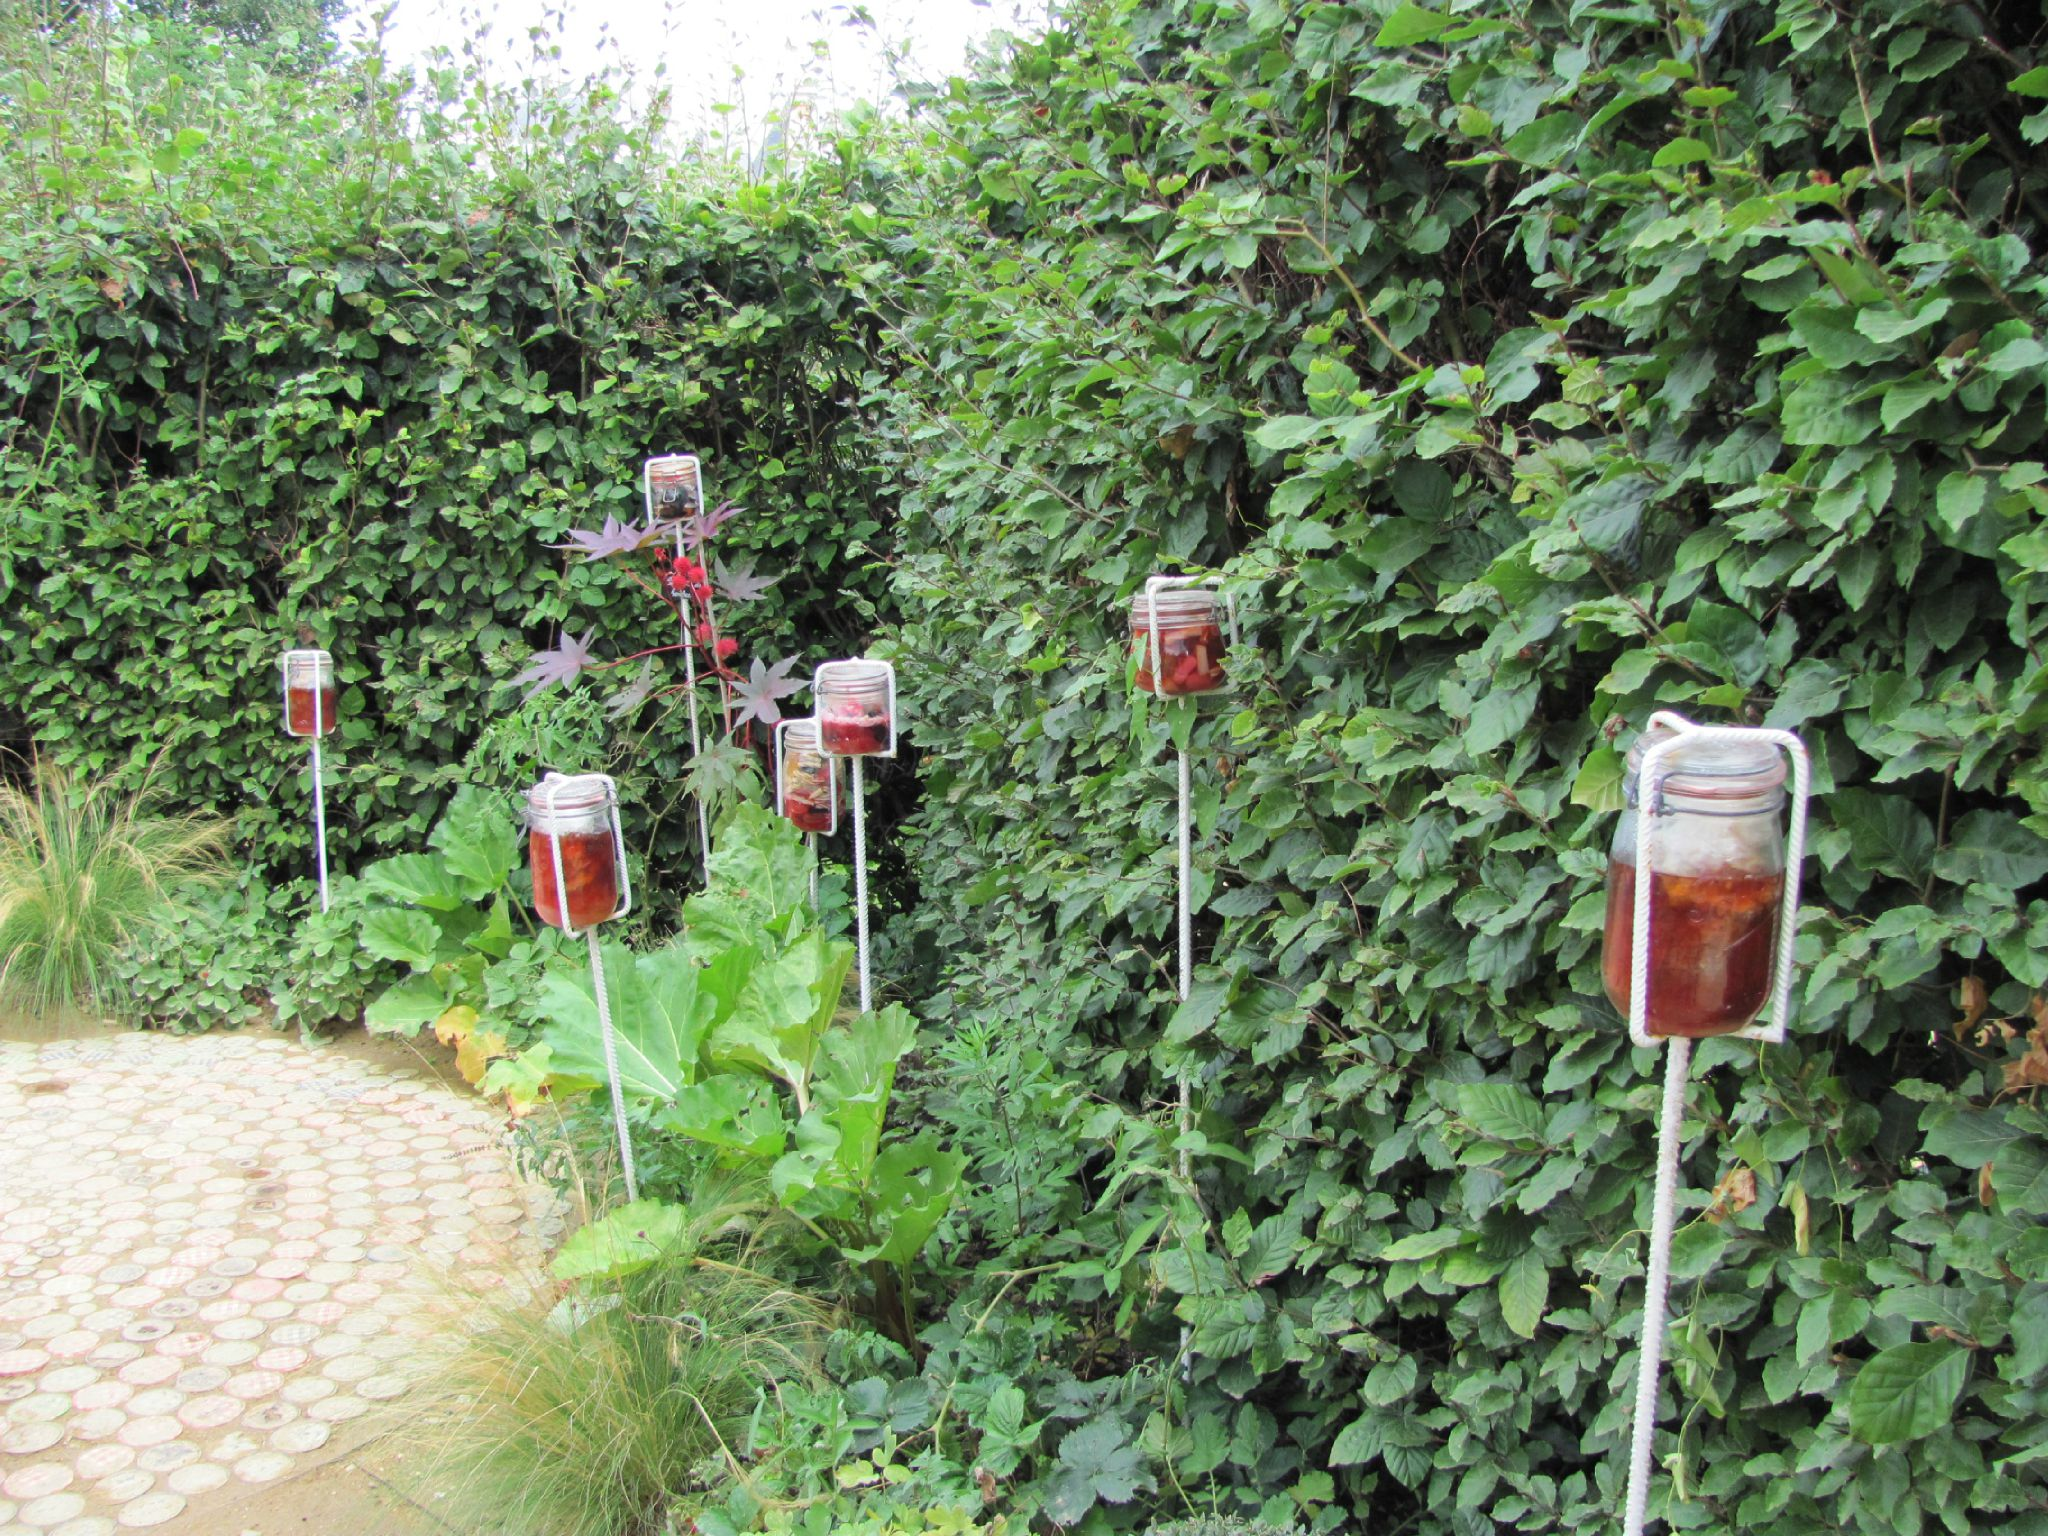 Festival des jardins chaumont sur loire episode 6 mots - Jardins de chaumont sur loire ...